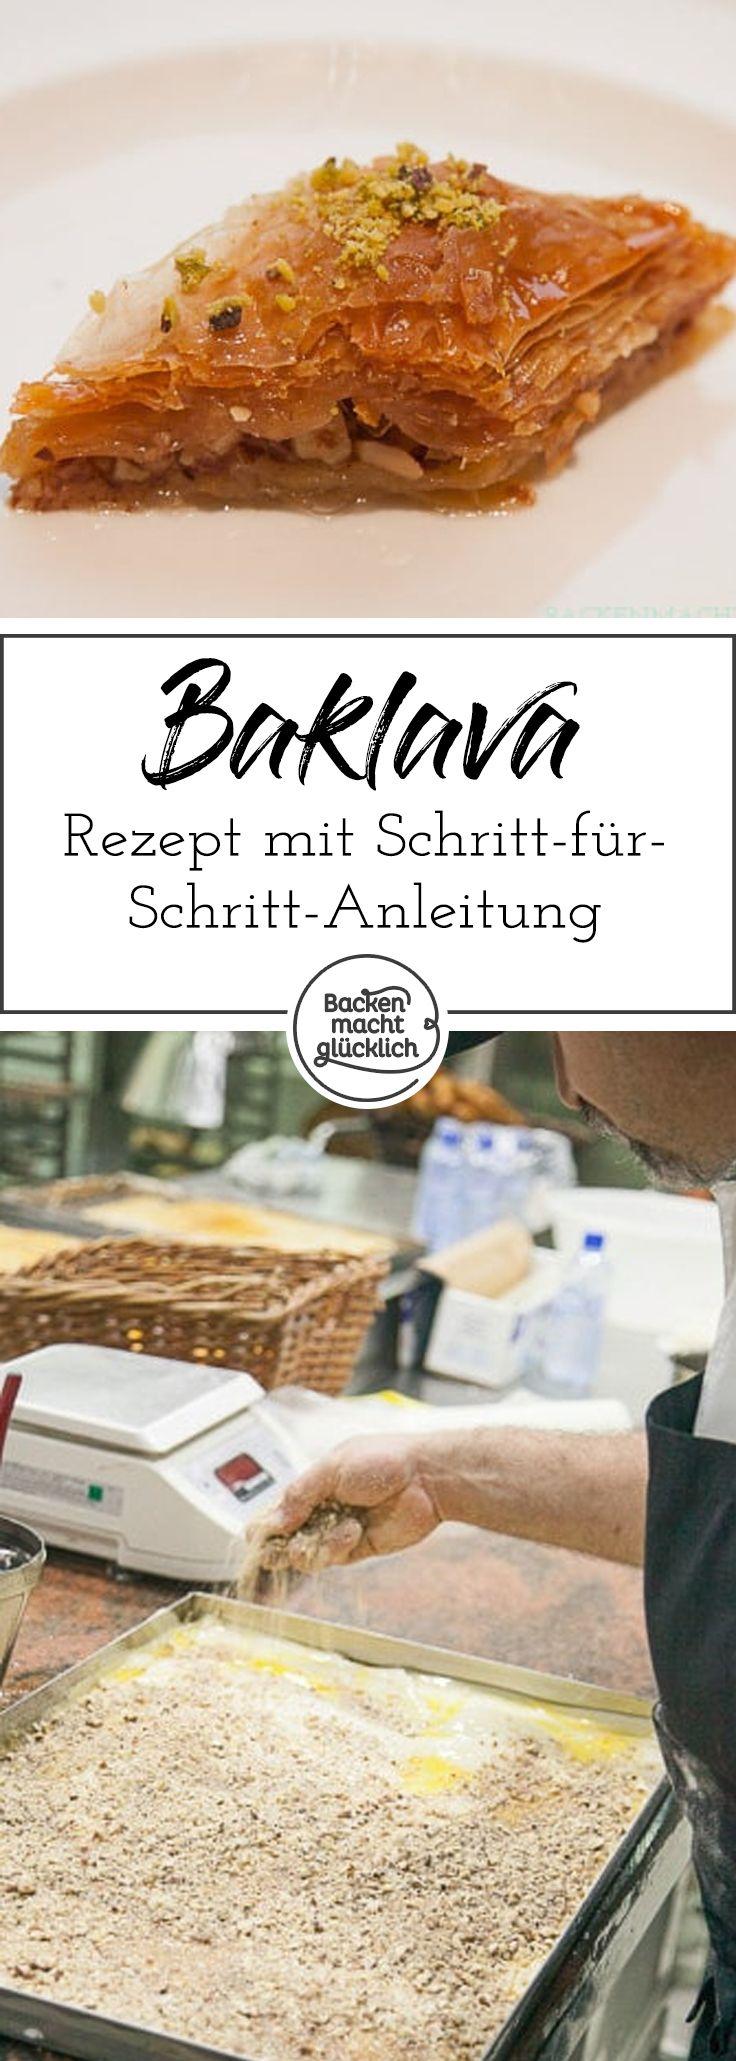 Original Baklava Rezept mit Schritt-für-Schritt-Anleitung. Baklava ist eine traditionelle Süßigkeit aus dem Mittelmeerraum und Nahen Osten. Als Füllung eignen sich alle Nusssorten wie Walnüsse oder Haselnüsse, außerdem Pistazien oder Mandeln.